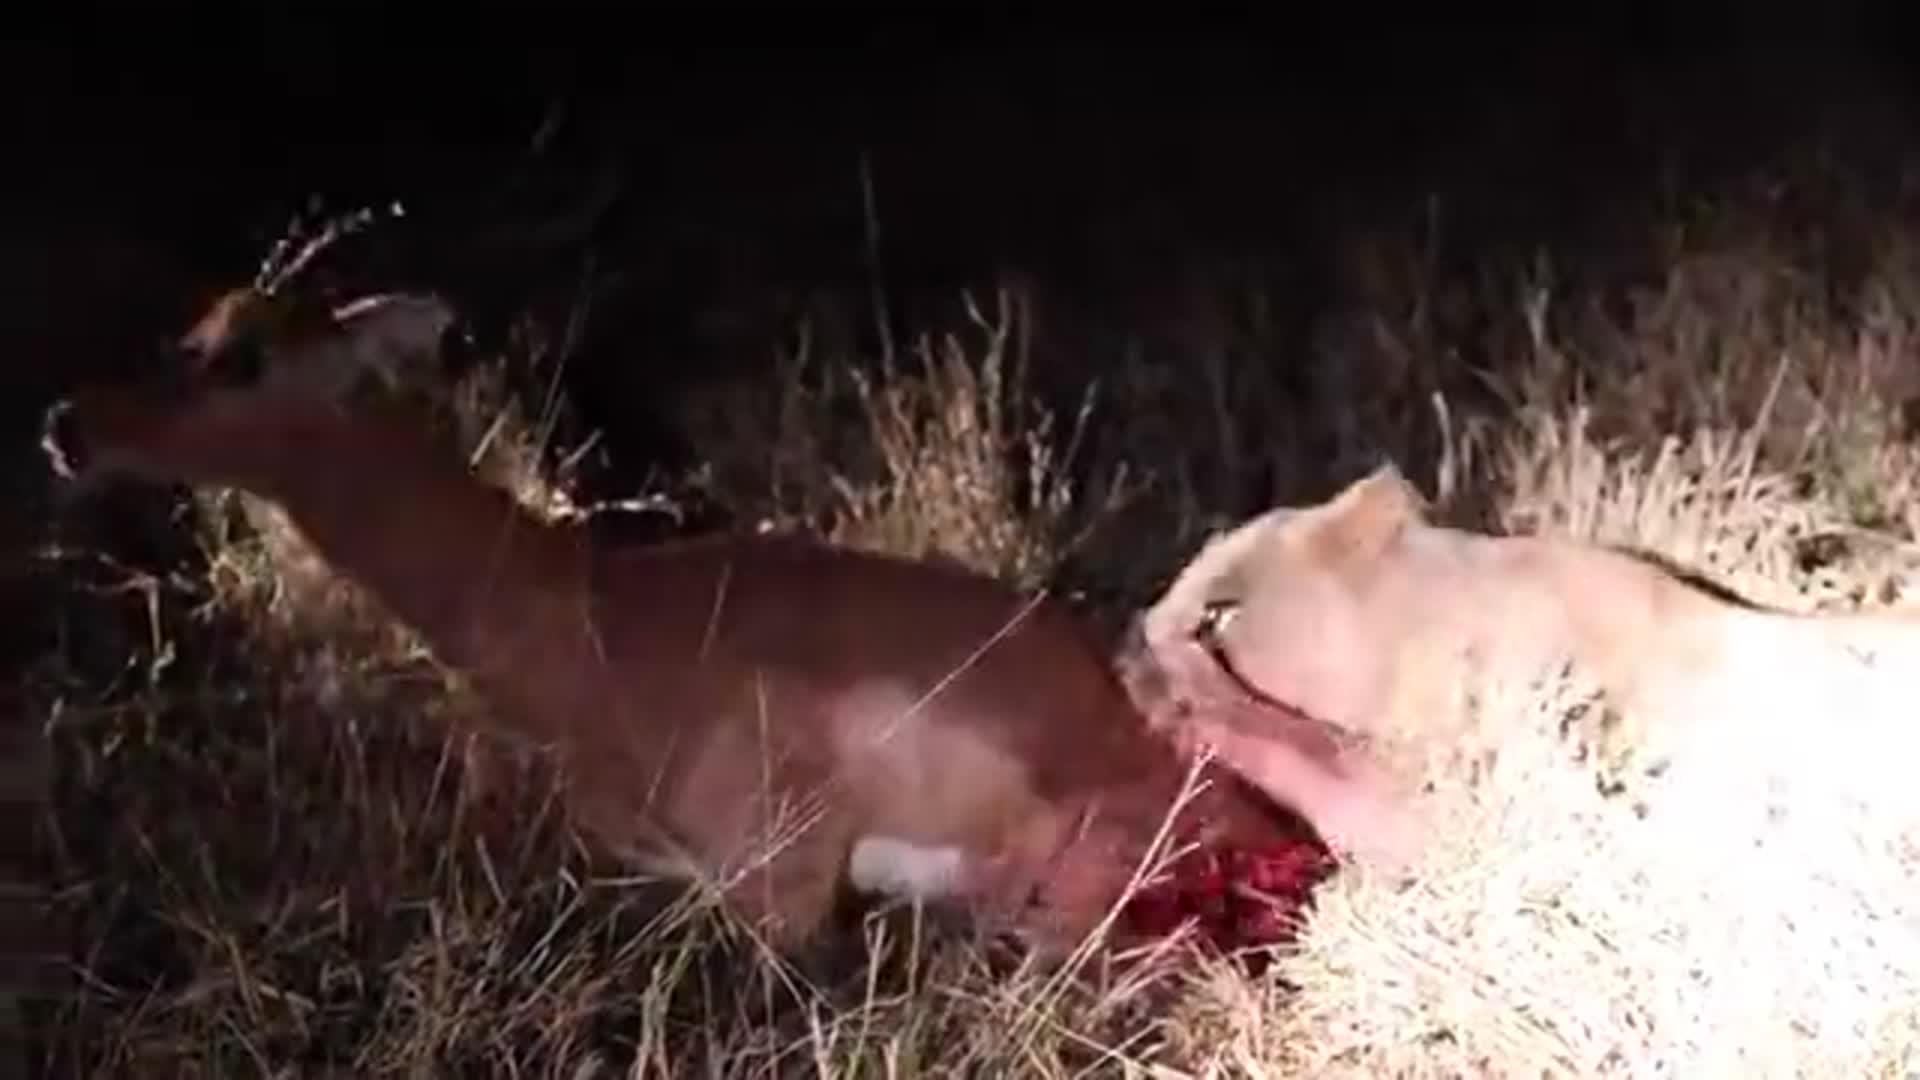 弱肉强食动物界 狮子活吃黑斑羚